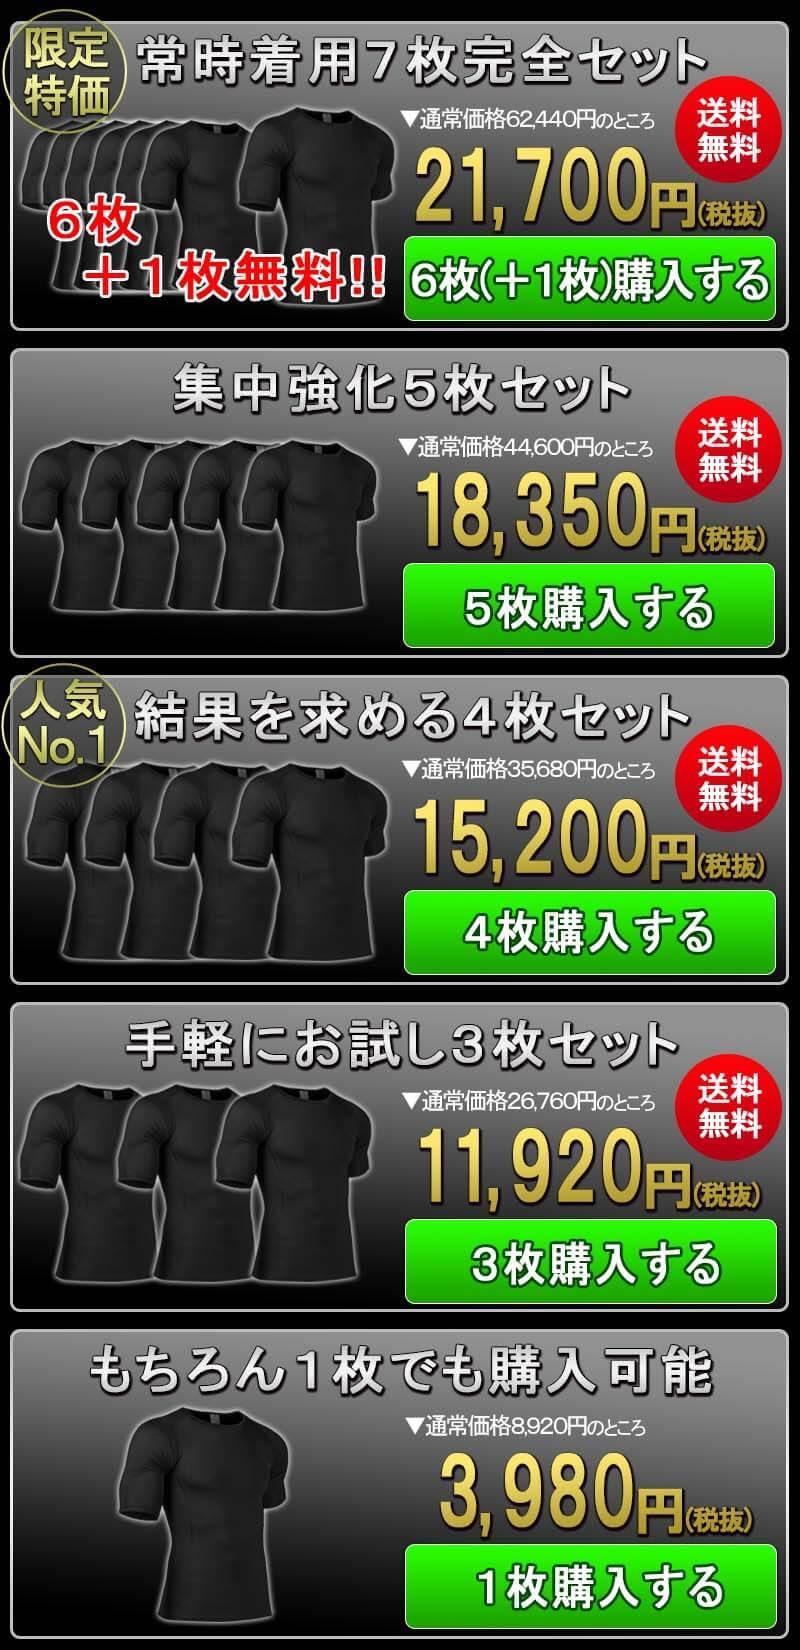 13new_button2.jpg